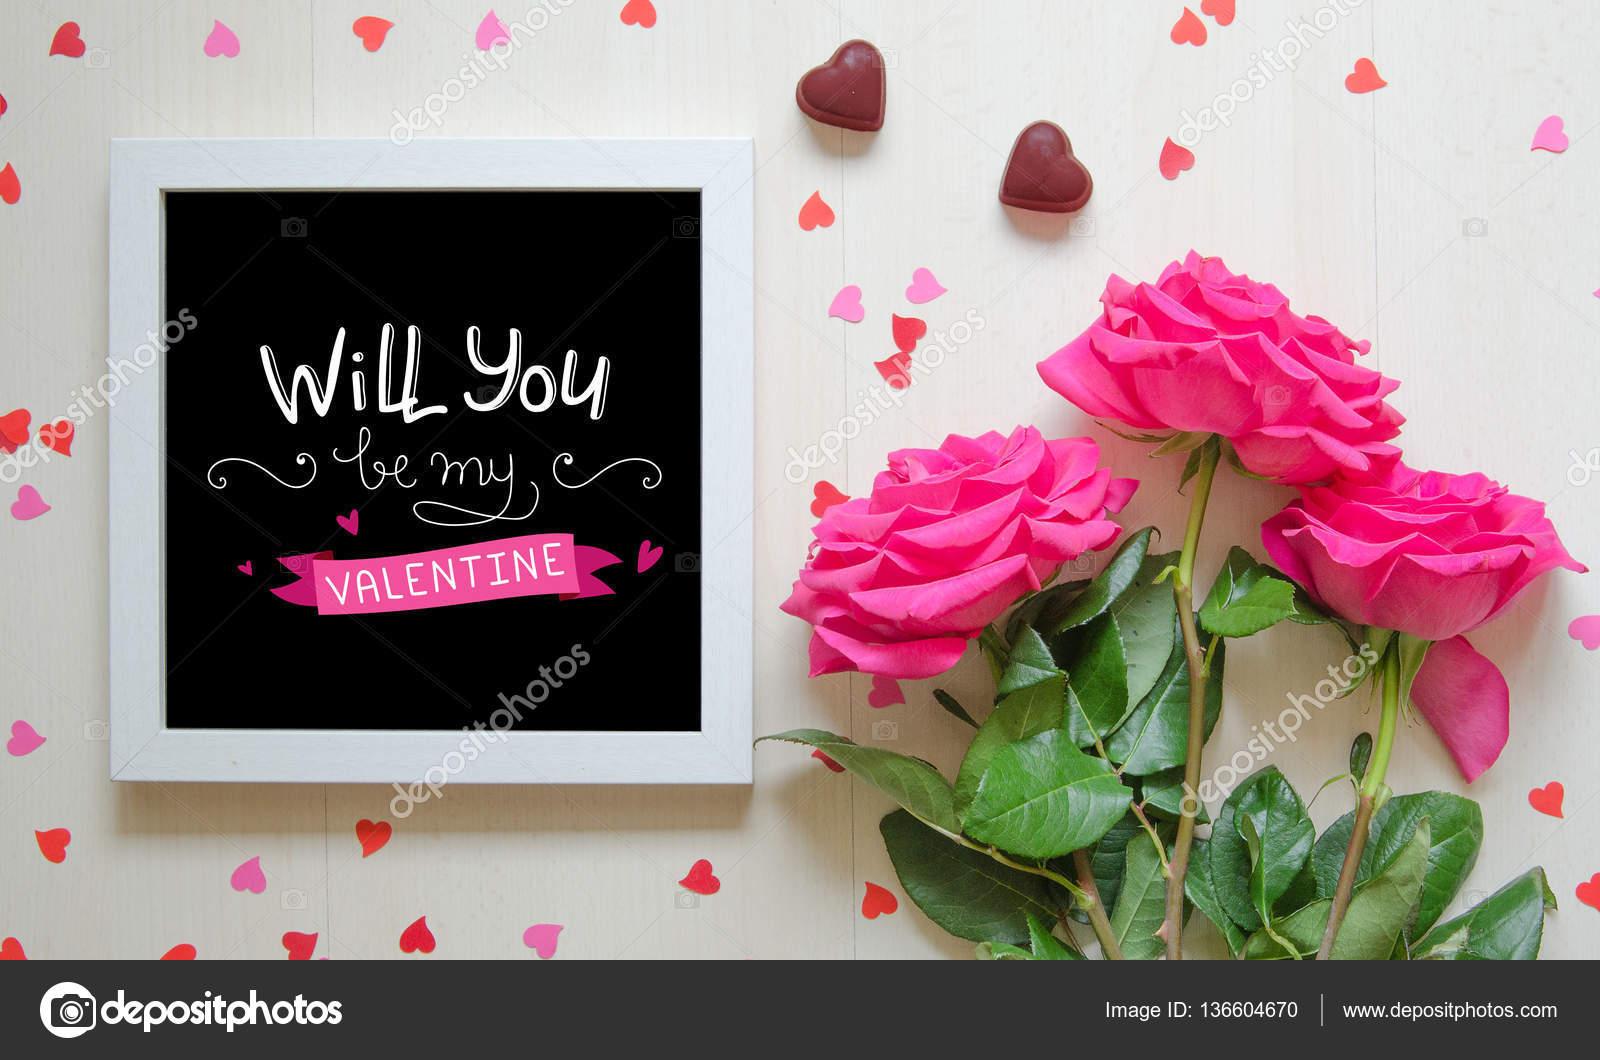 Imagenes Descargar Rosas Con Frases Dia De Los Enamorados Vintage